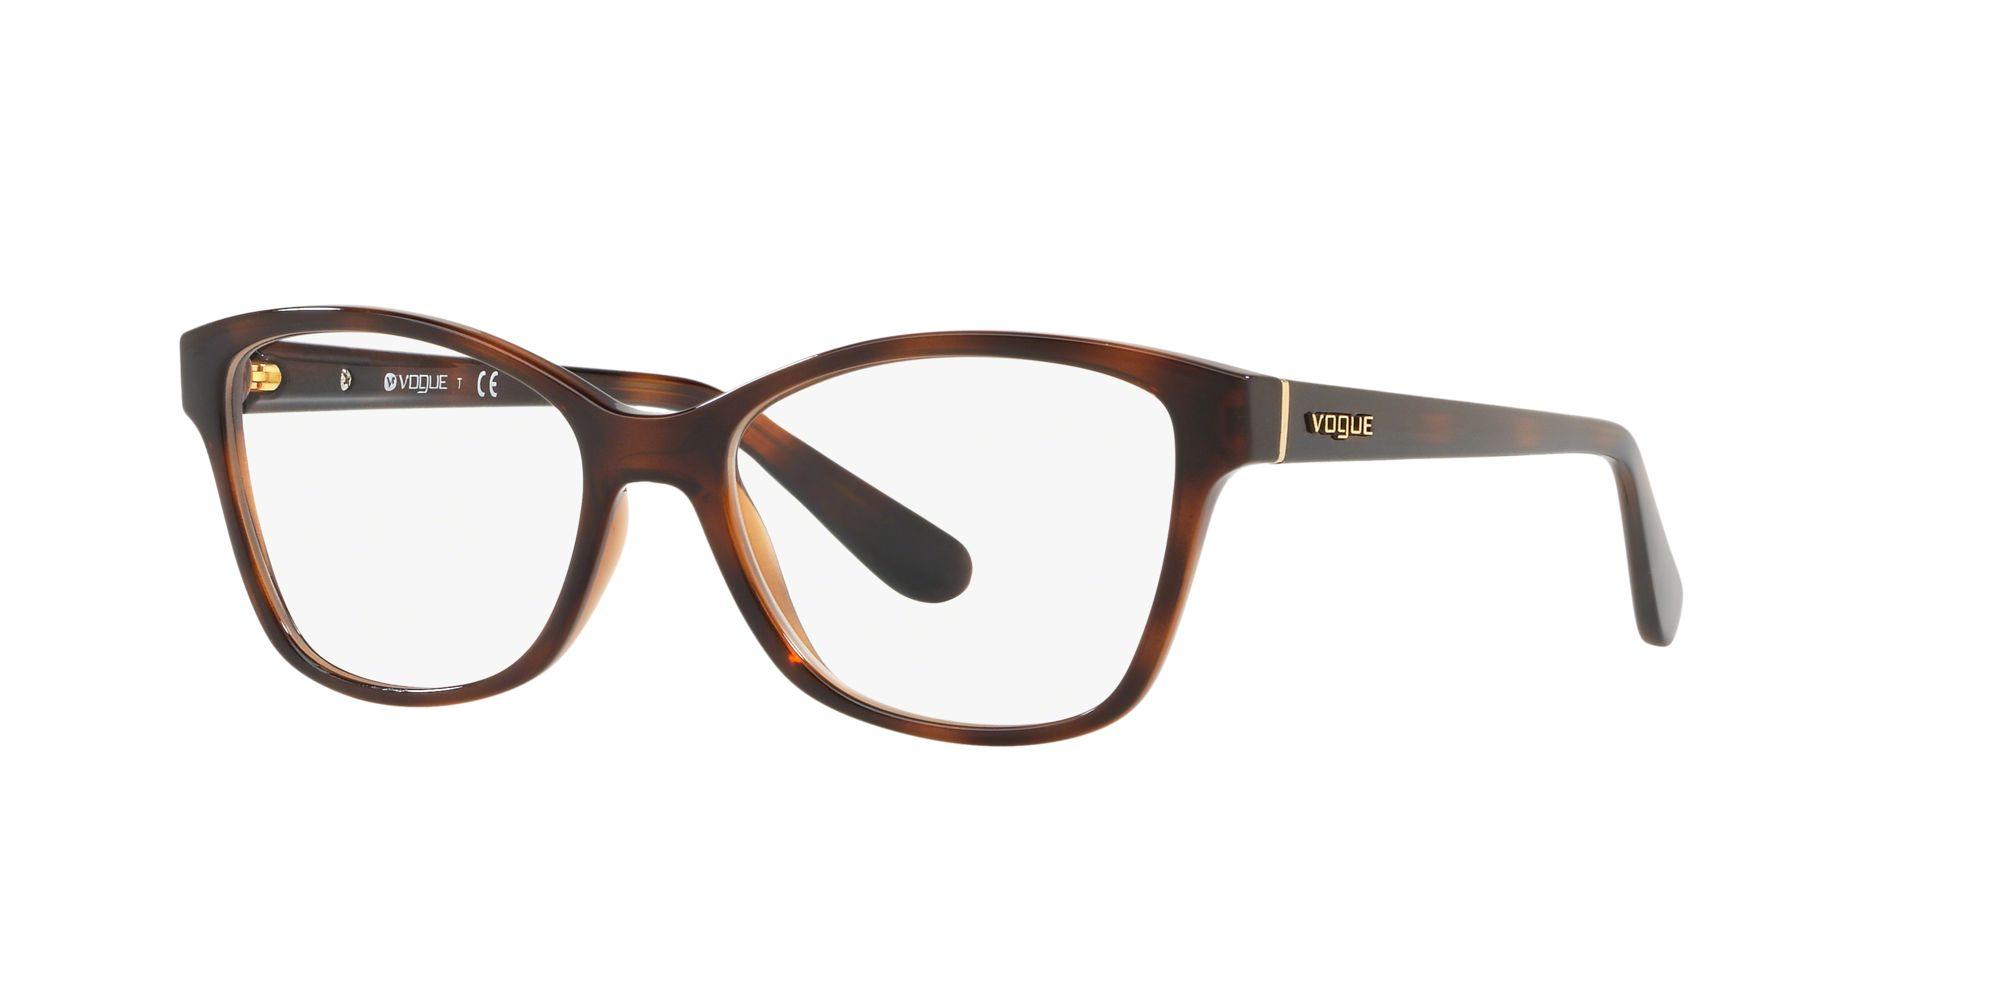 999bc1a747c Vogue VO2998 Eyeglass Frames